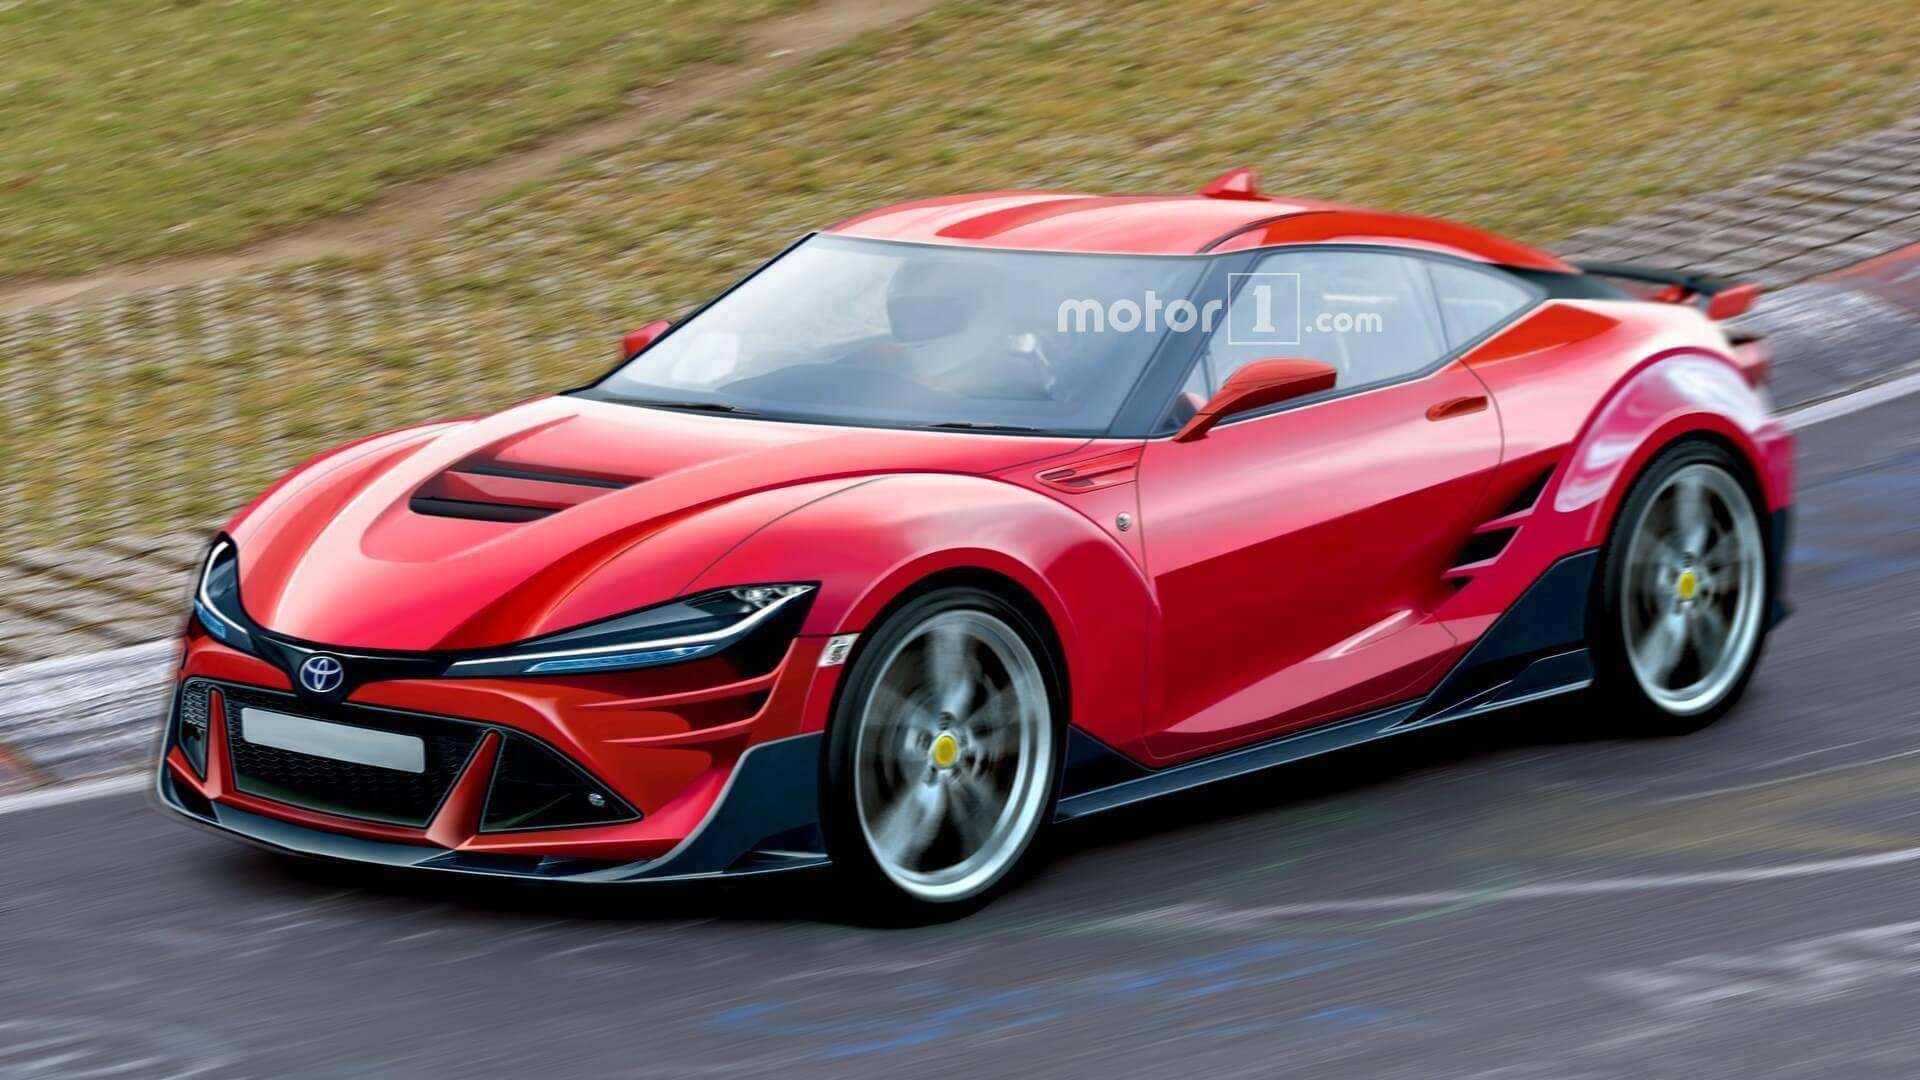 24 New Toyota Brz 2020 Photos for Toyota Brz 2020